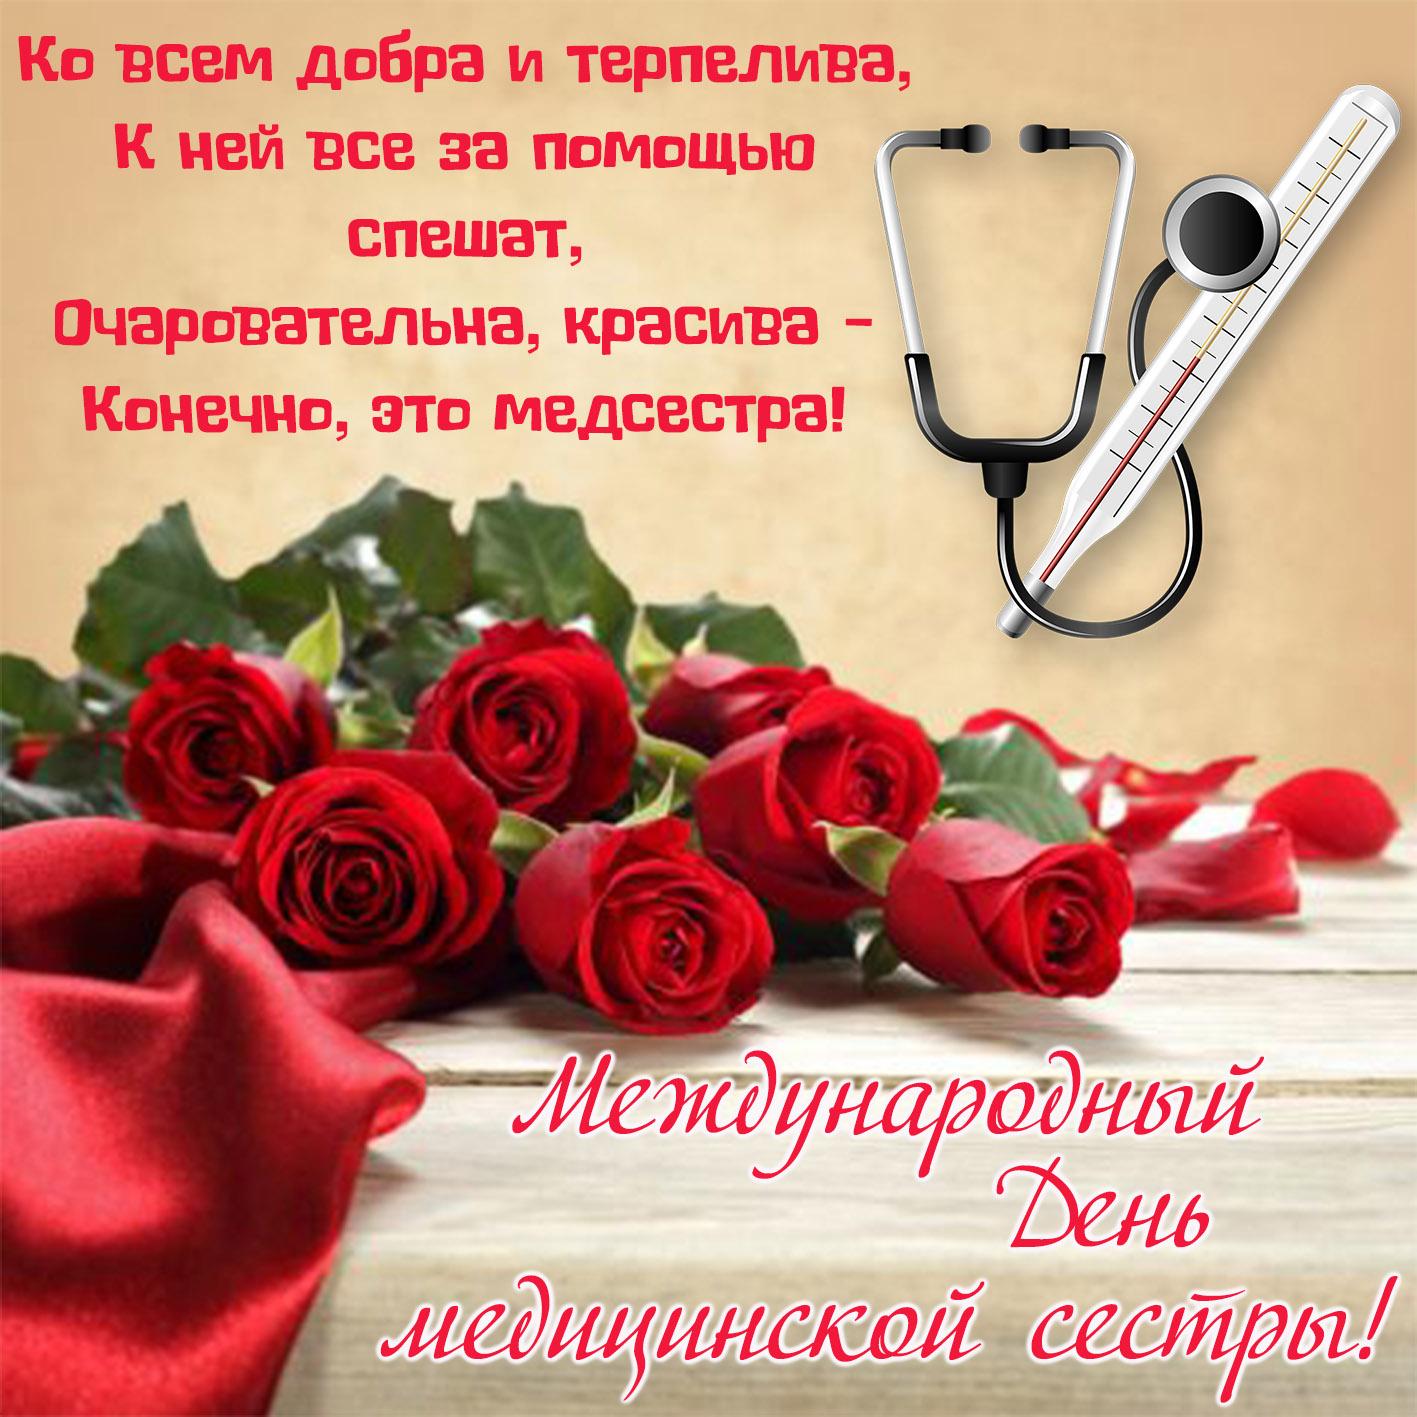 Самой красивой медсестре картинки, дню рождения